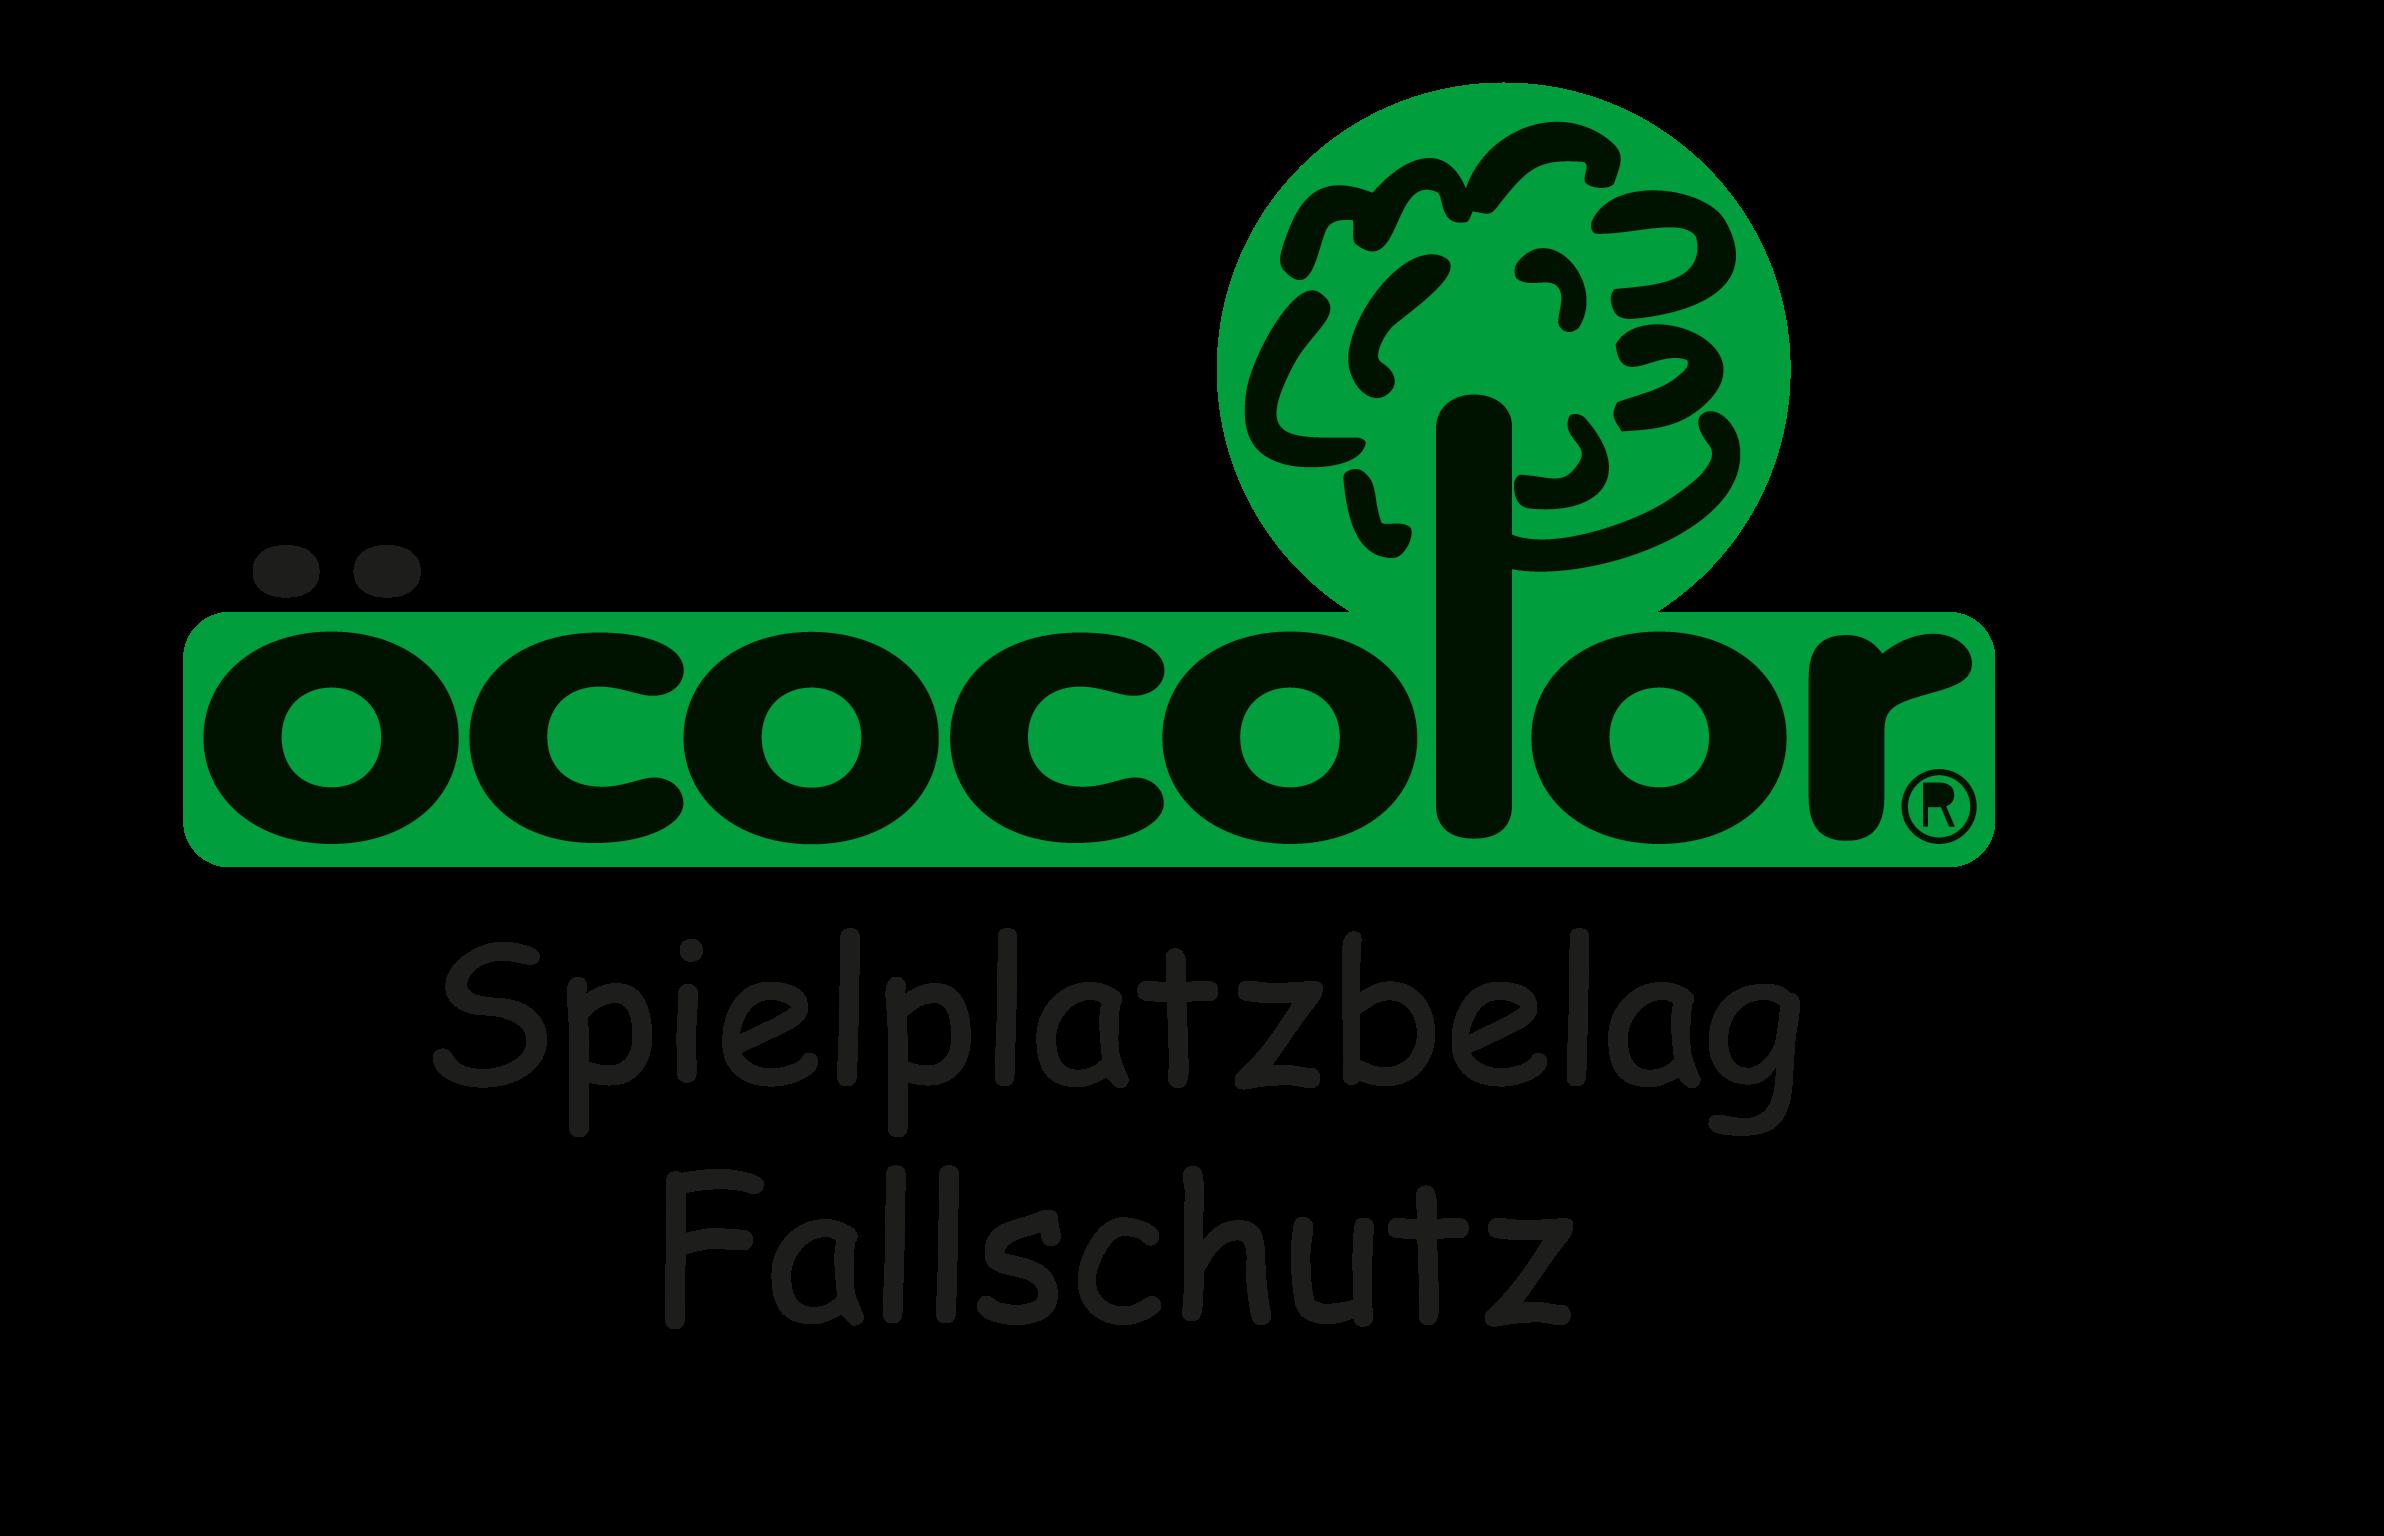 Öcocolor